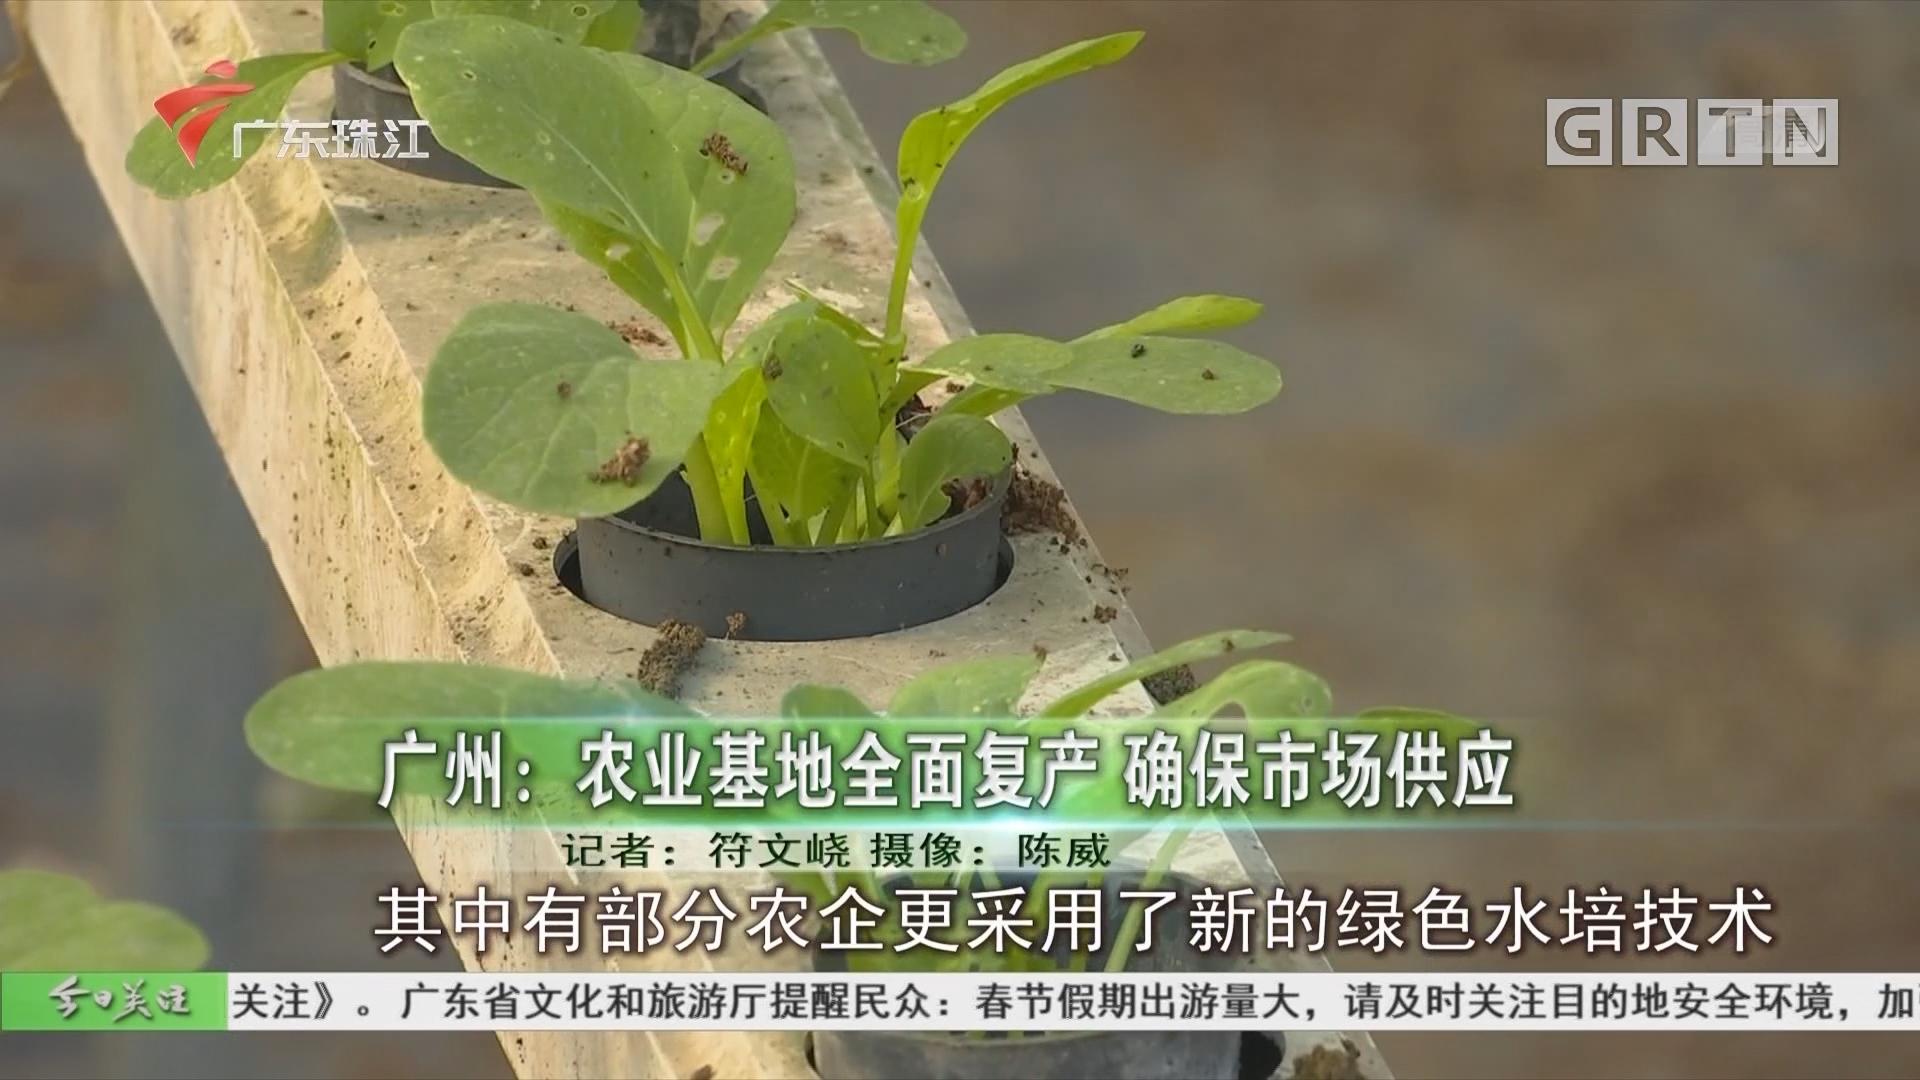 广州:农业基地全面复产 确保市场供应